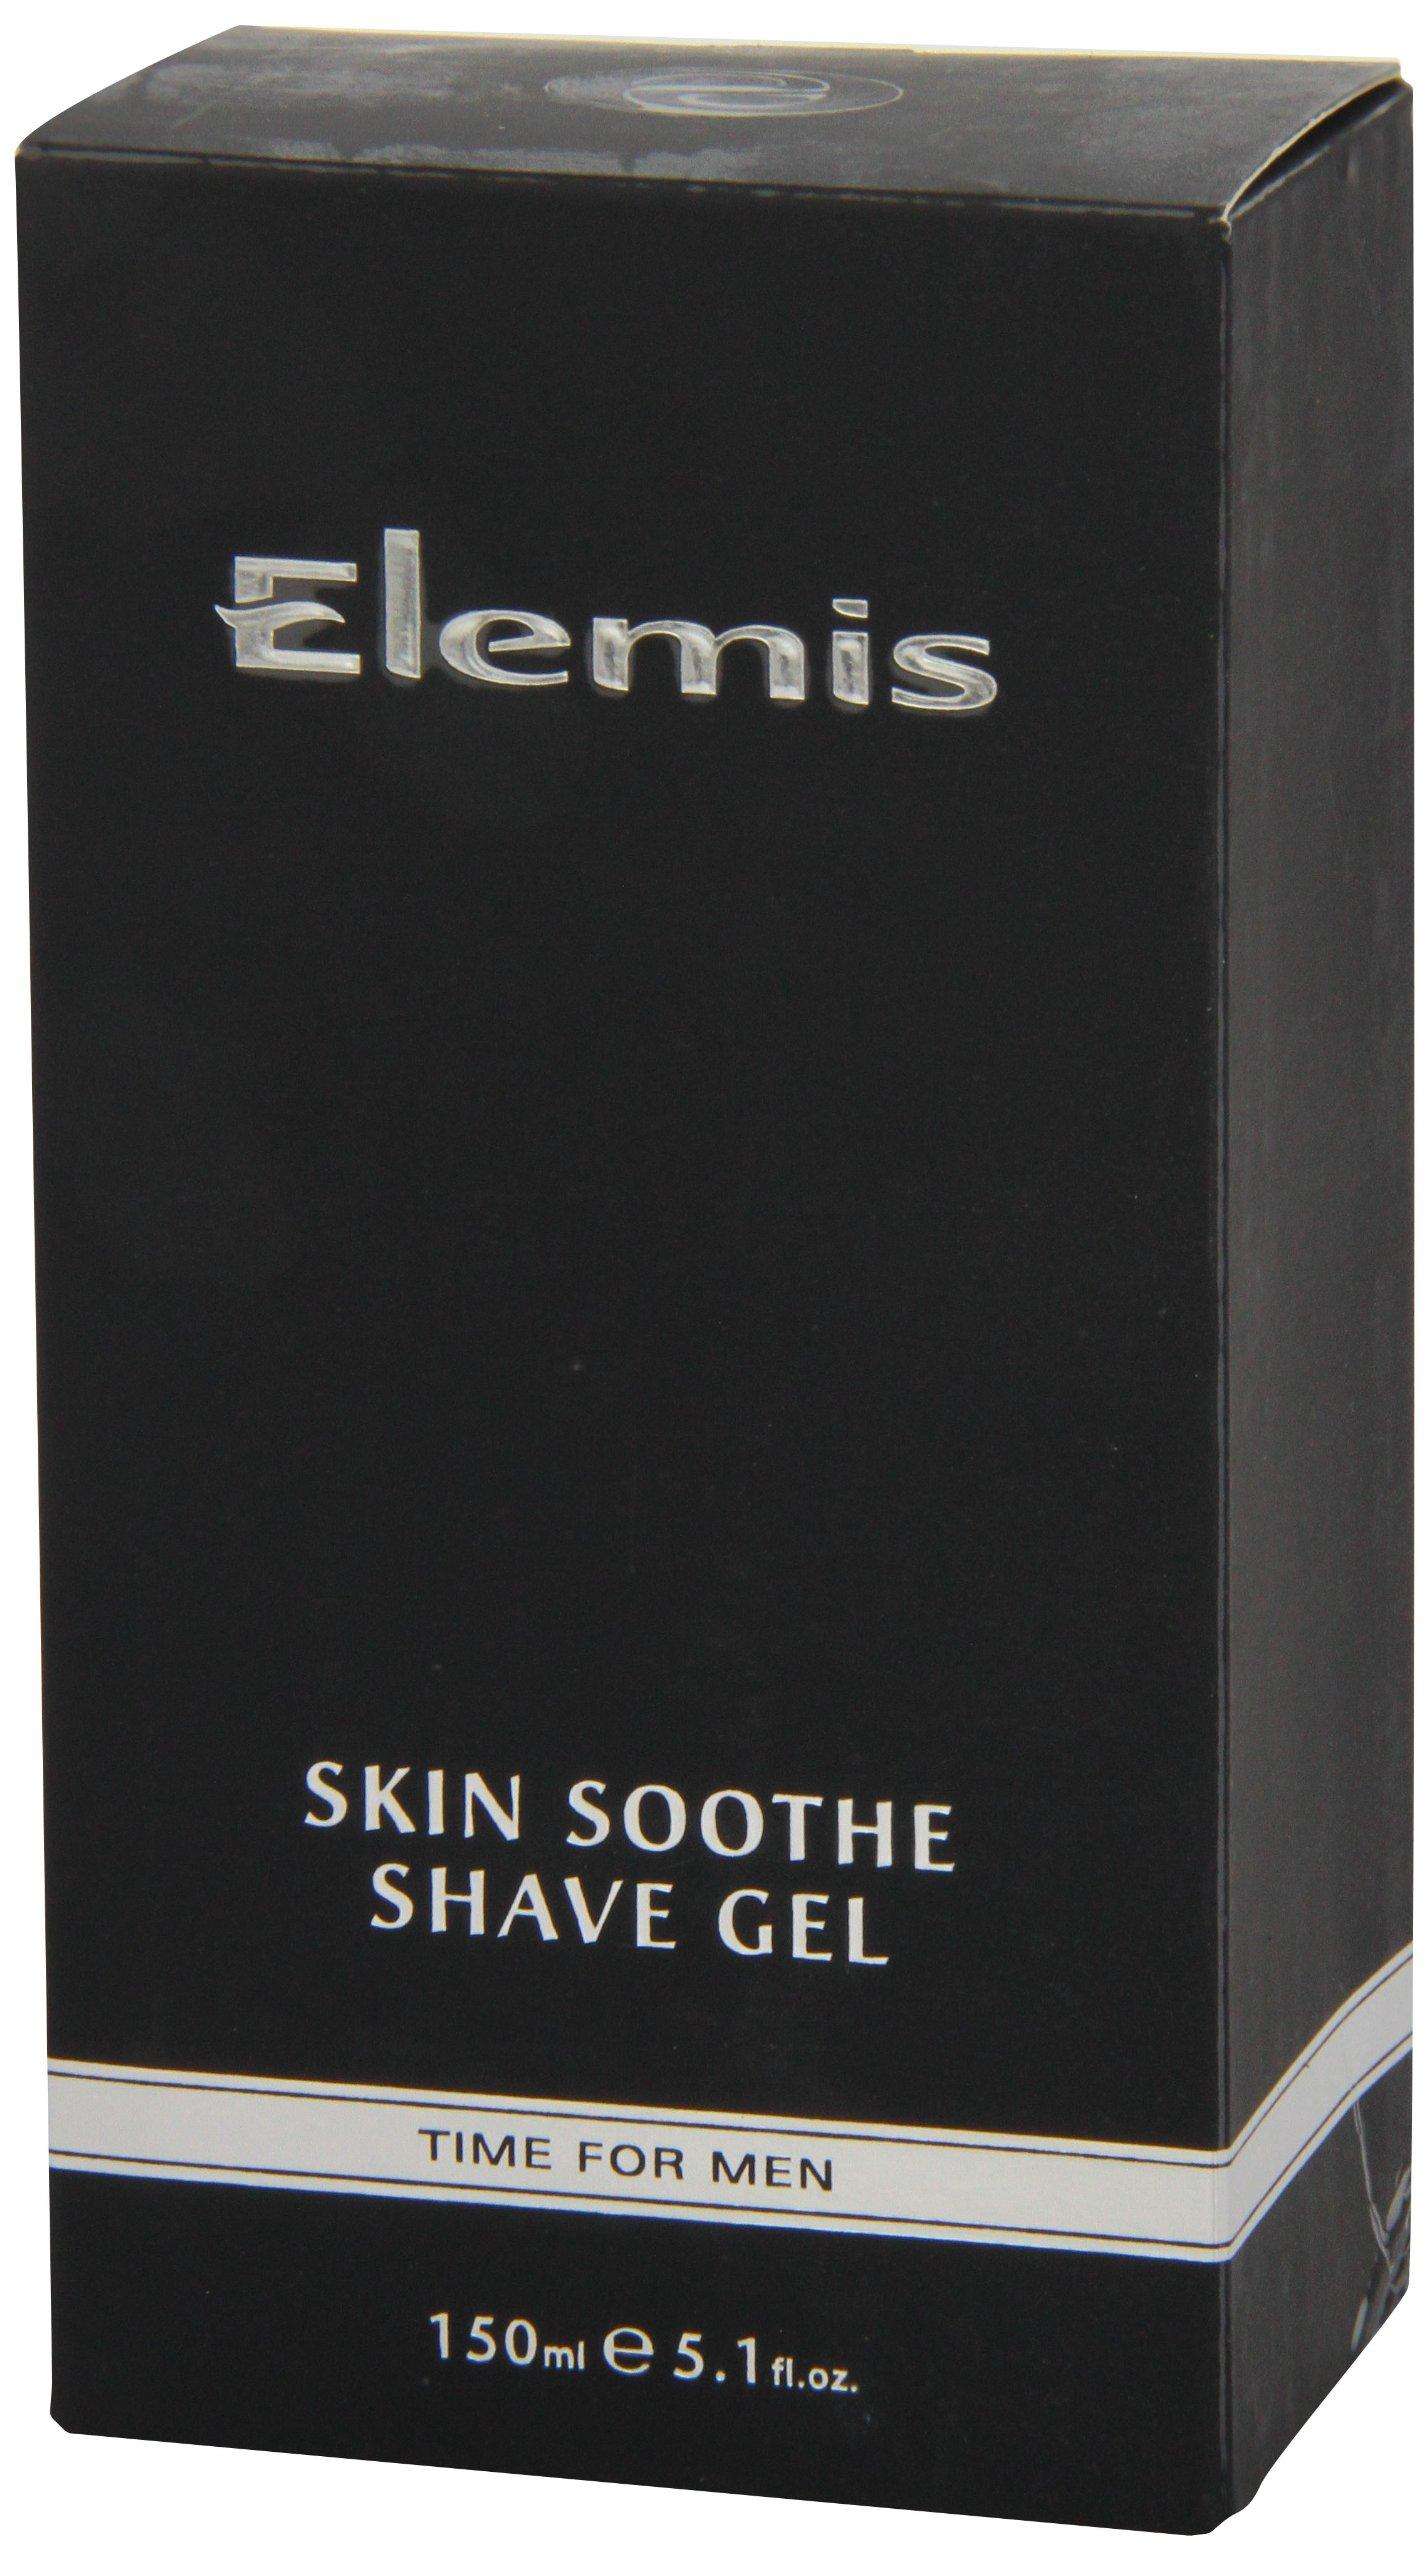 ELEMIS Skin Soothe Shave Gel, Soothing Shave Gel, 5.0 fl. oz.